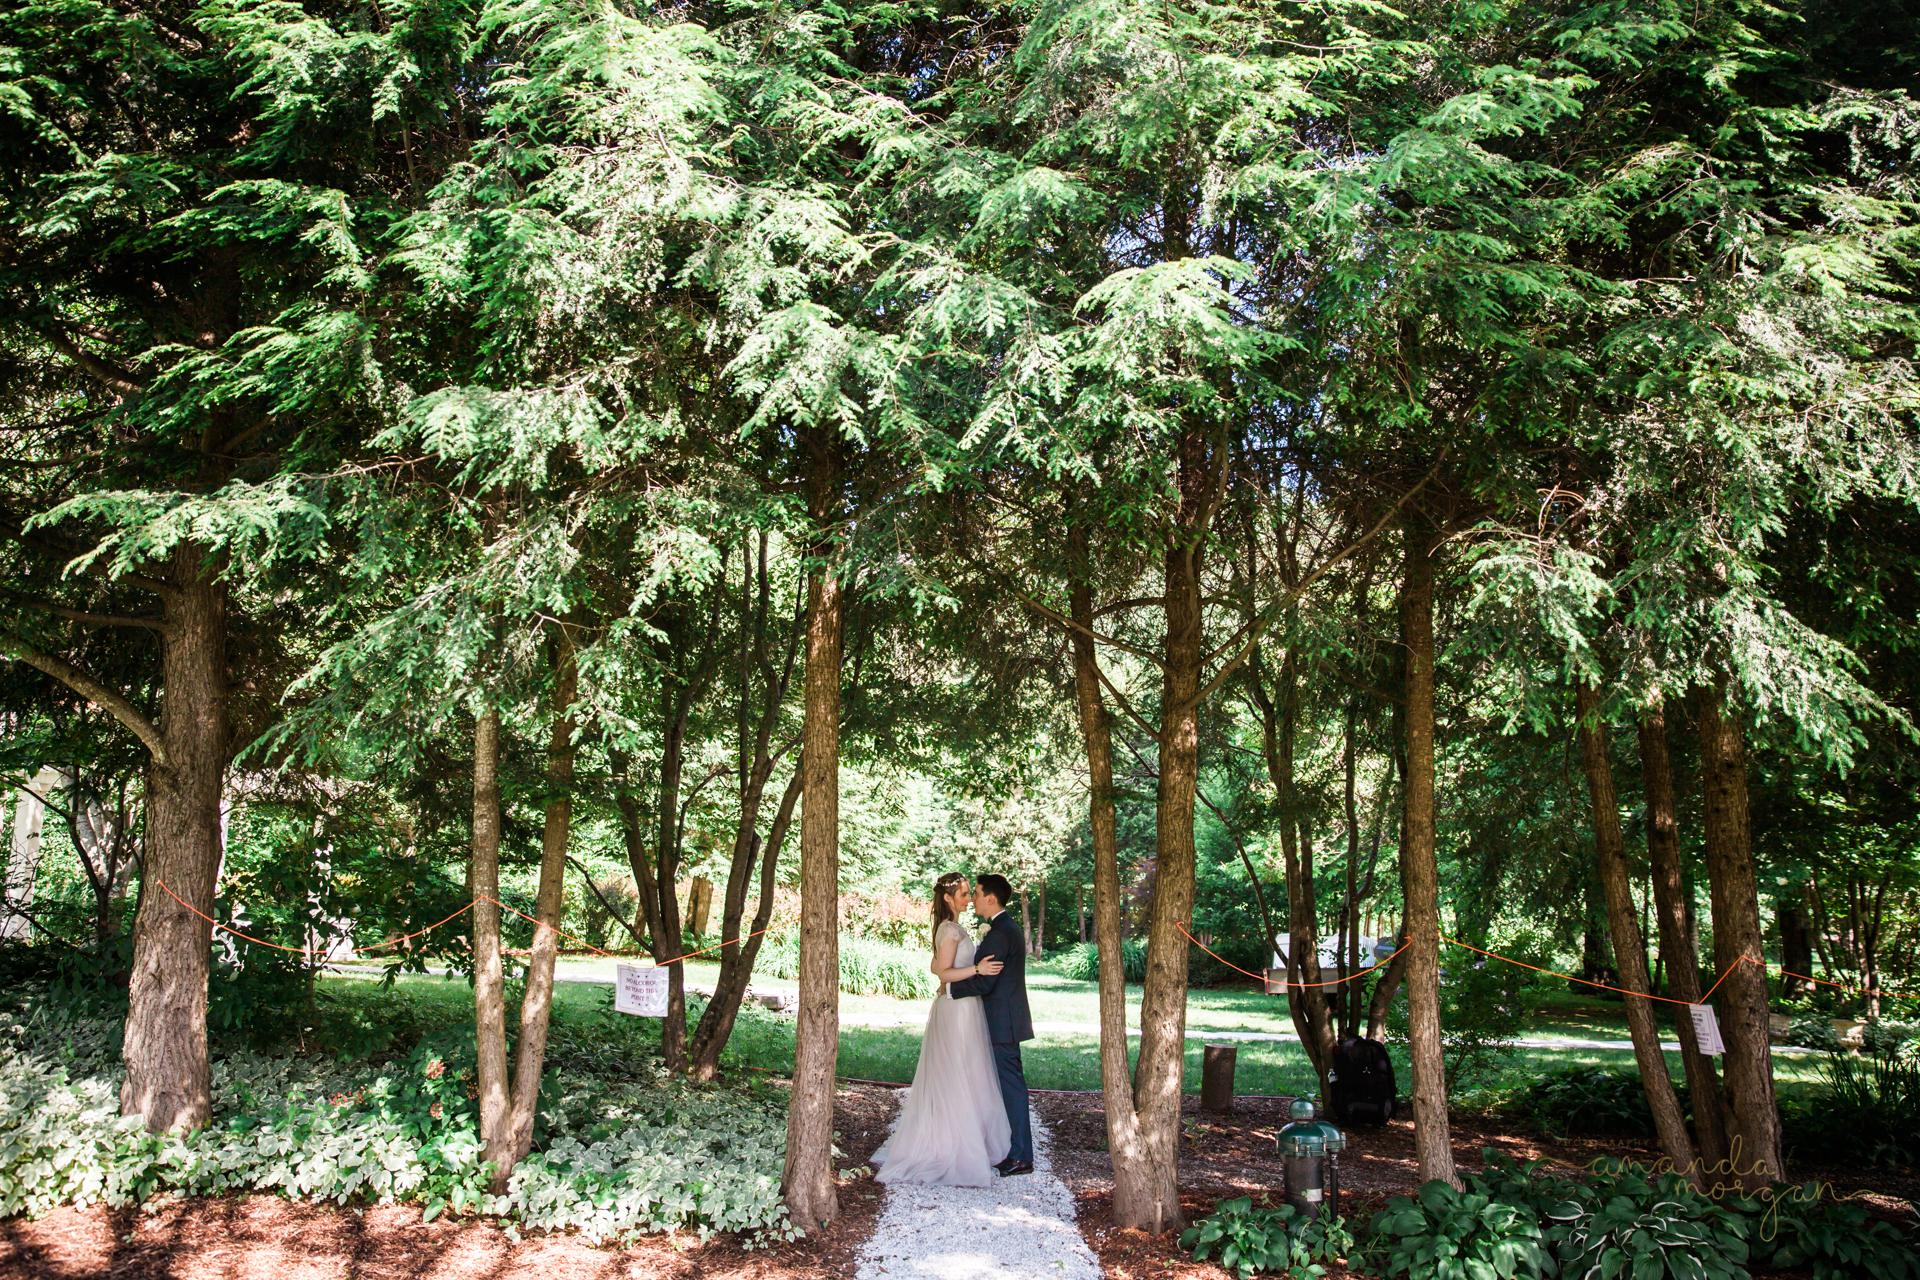 Glimmerstone-Mansion-Vermont-Wedding-Amanda-Morgan-47.jpg